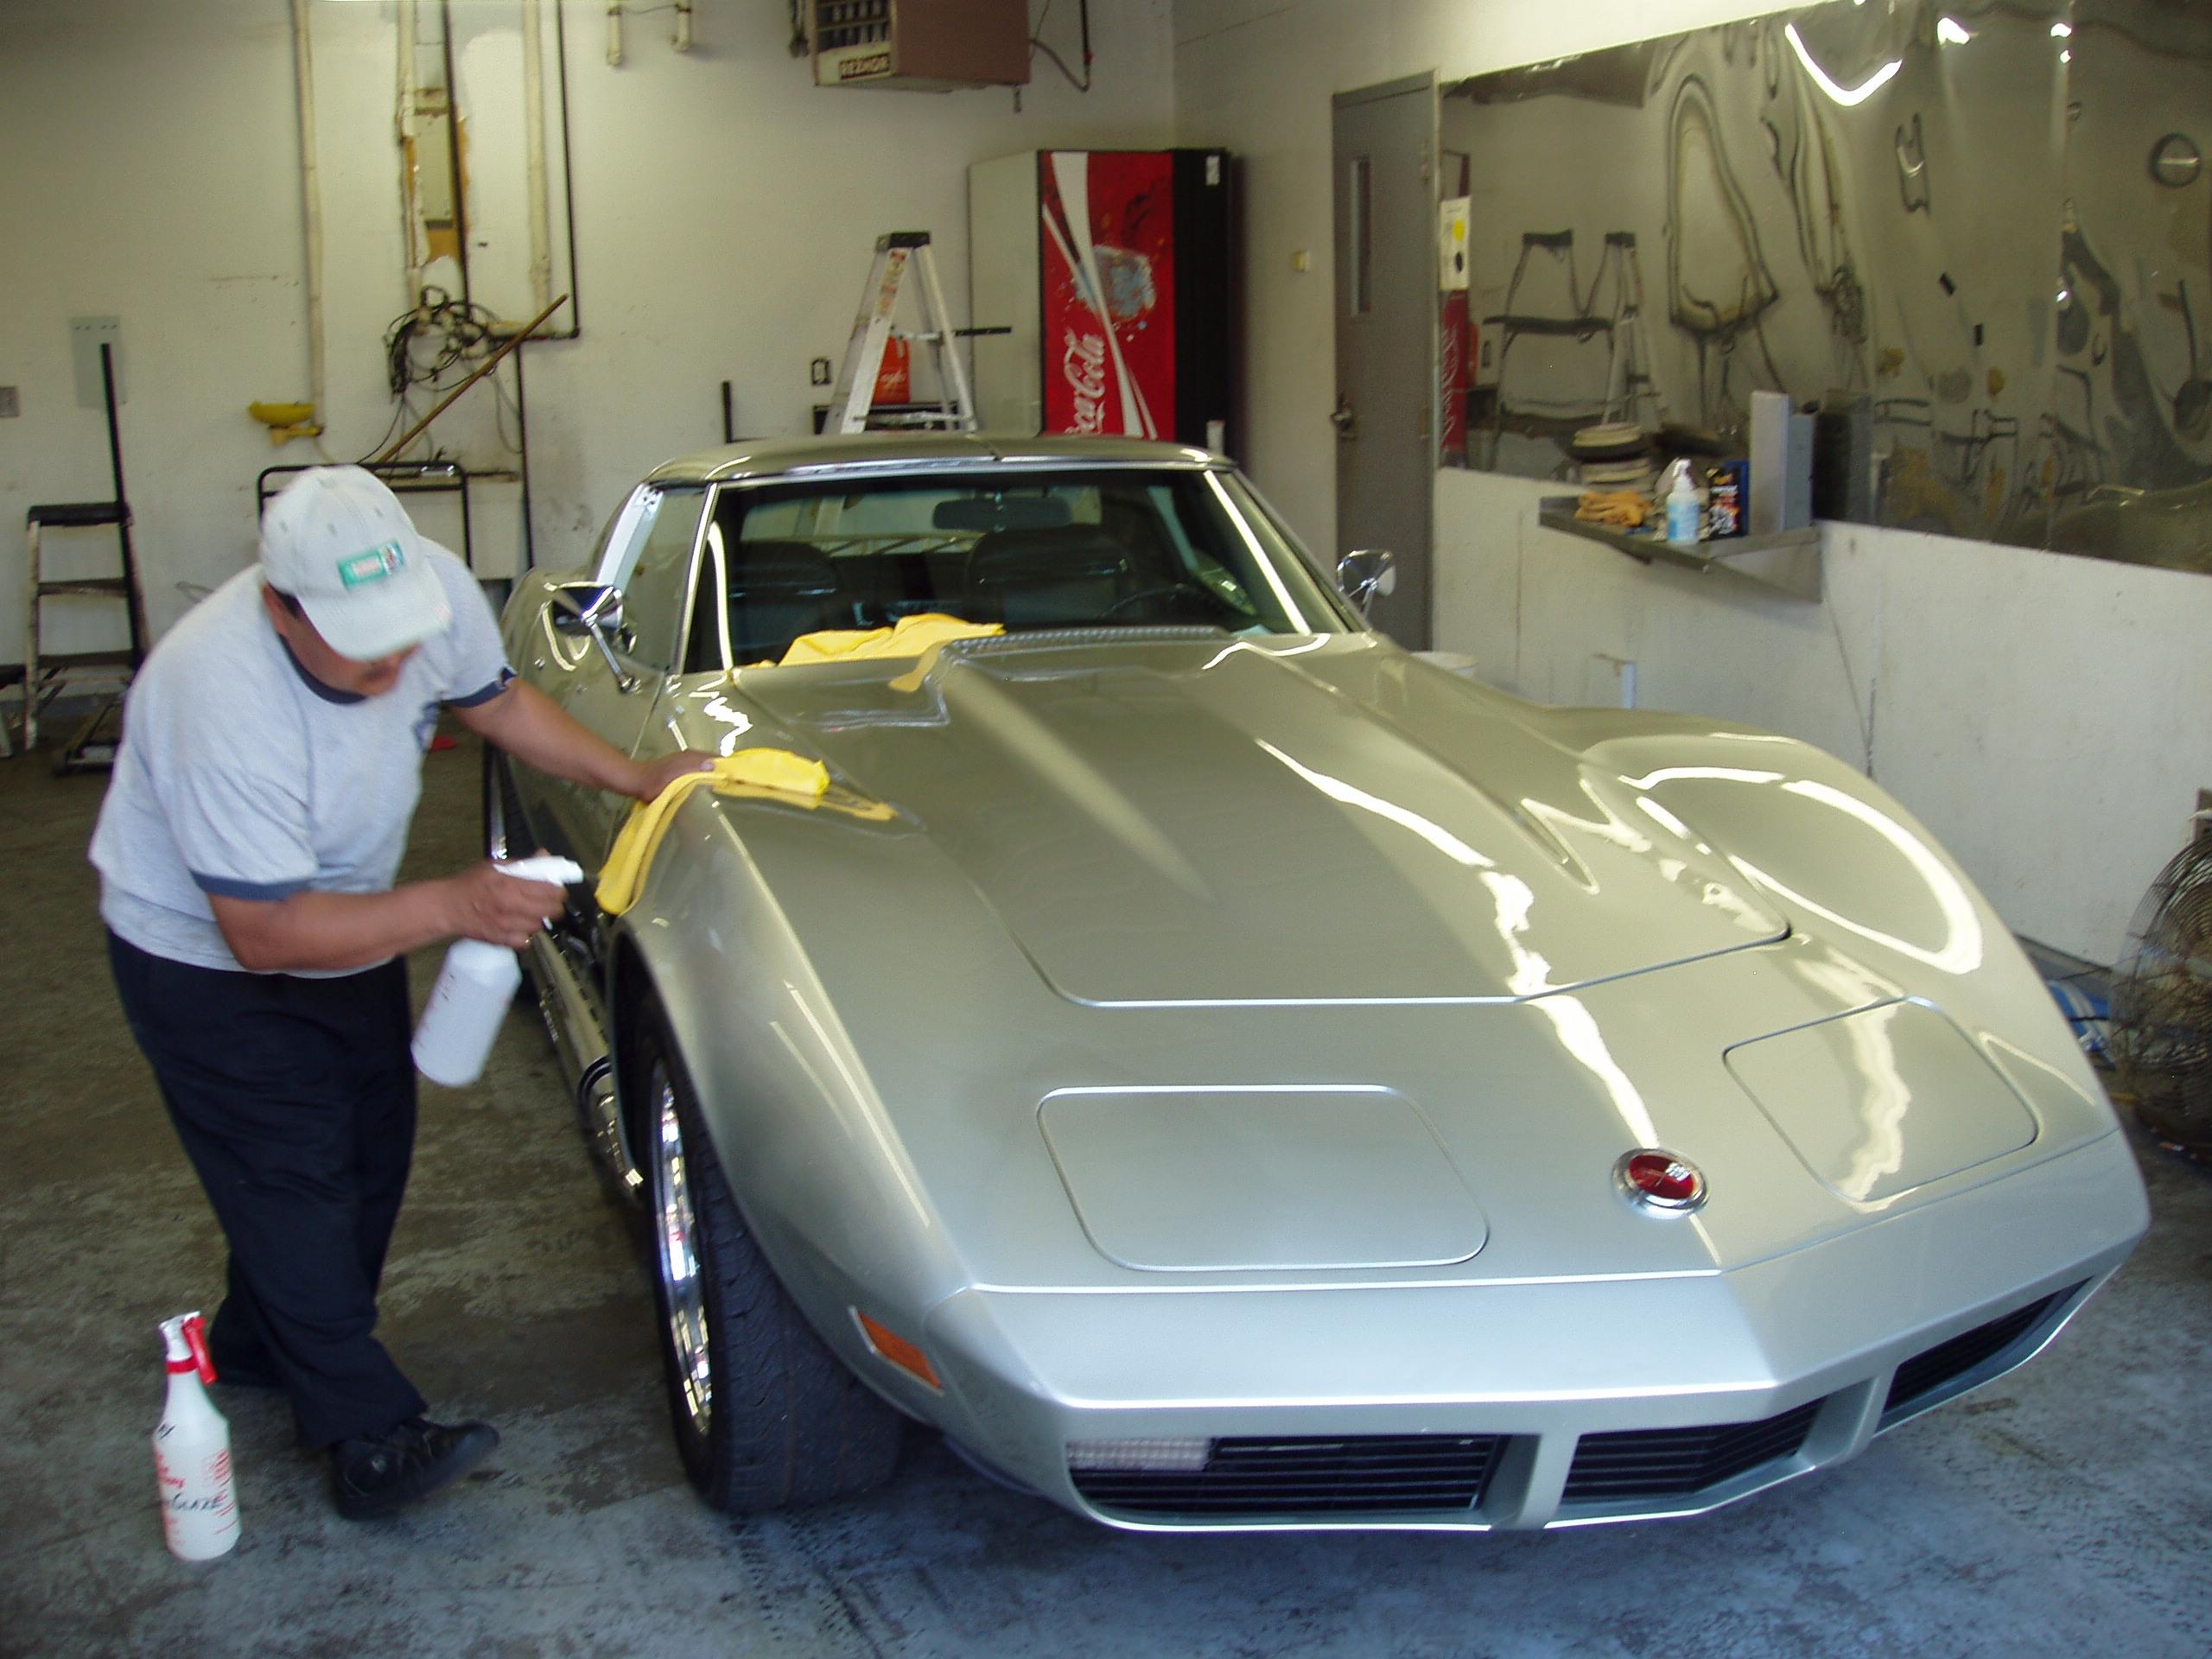 Platinum Auto Spa image 30